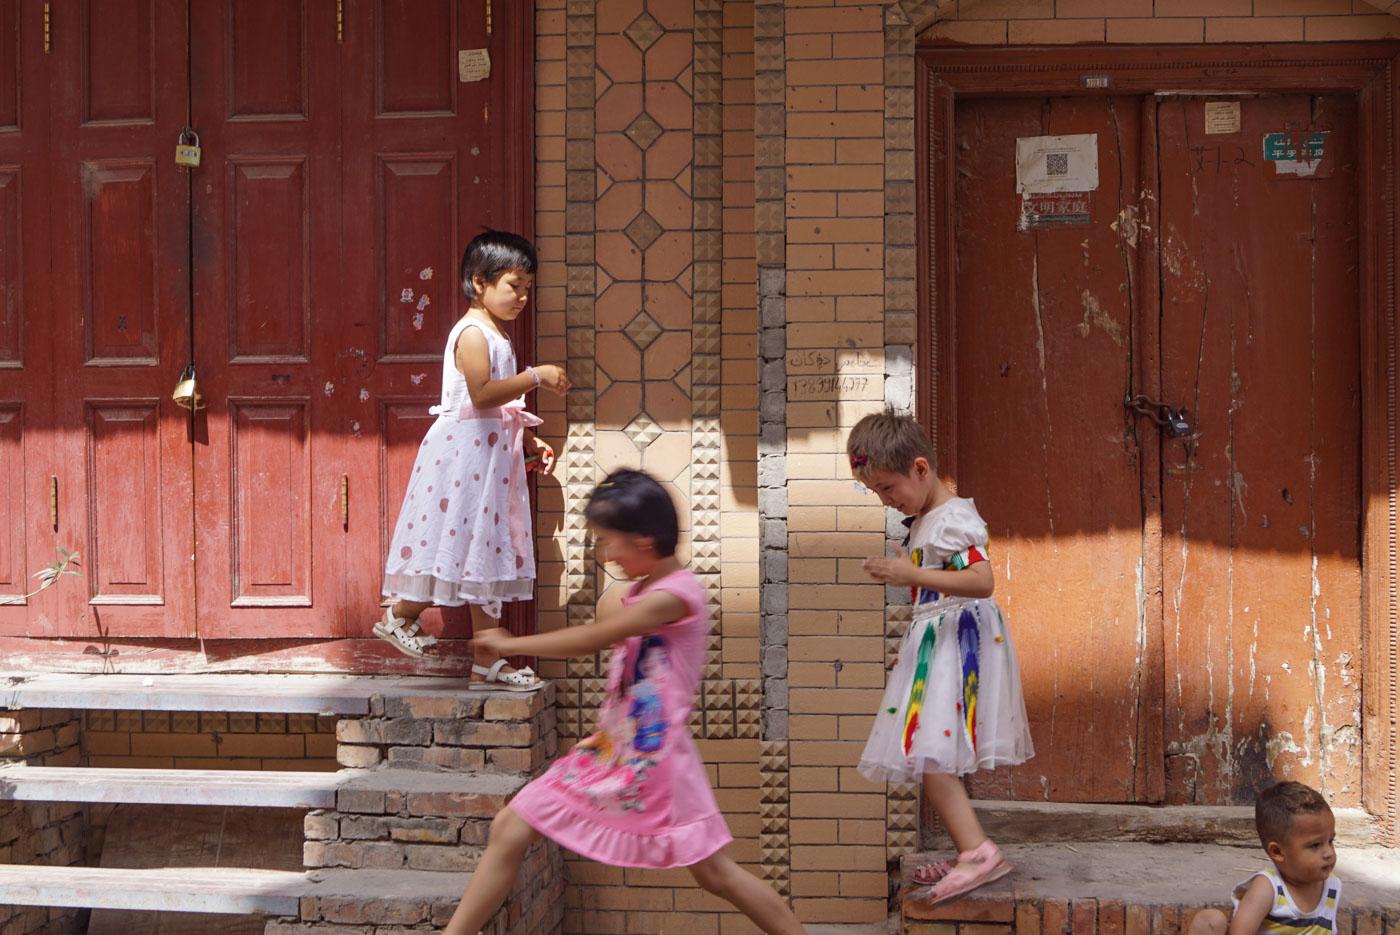 Zu sehen sind drei Mädchen die im Kreis über Treppen springen die zu zwei Eingangstüren führen.